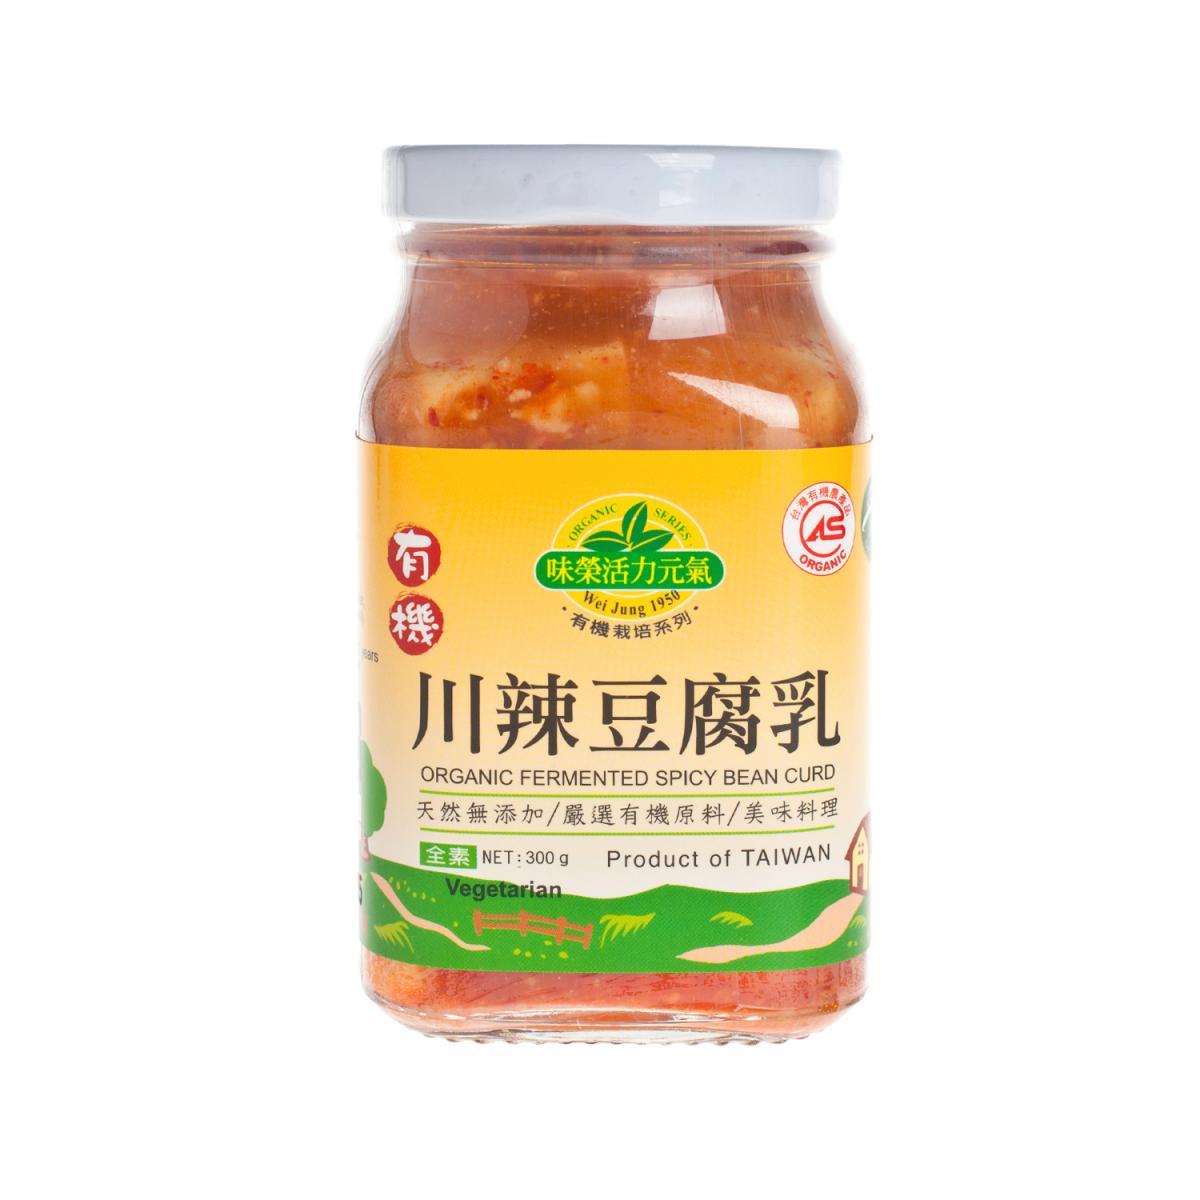 《小瓢蟲生機坊》味榮 - 有機川辣豆腐乳 300g/罐 有機 豆腐乳 辣味